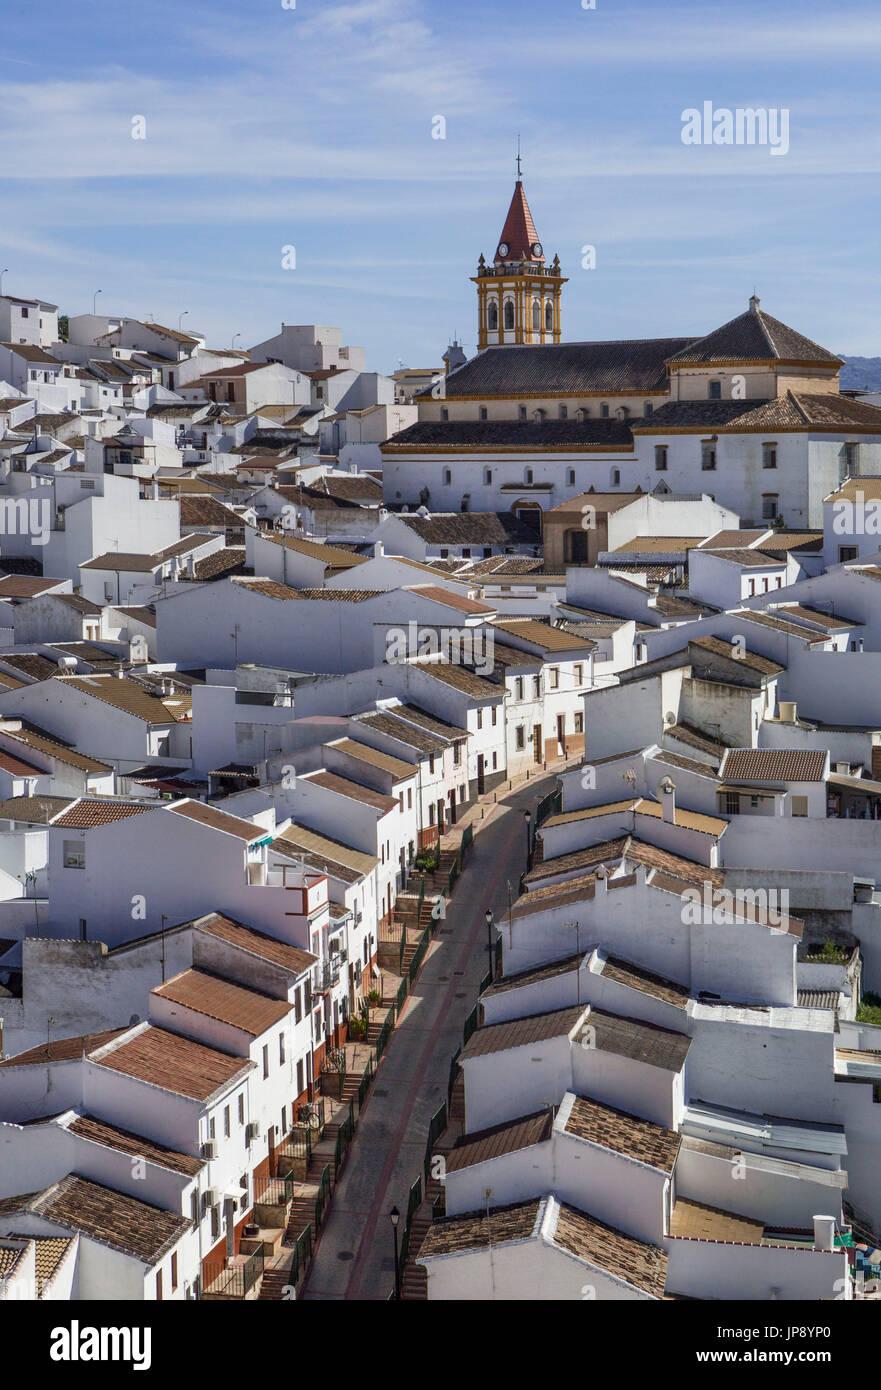 Spagna, Andalusia regione, provincia di Malaga, Teba City Foto Stock